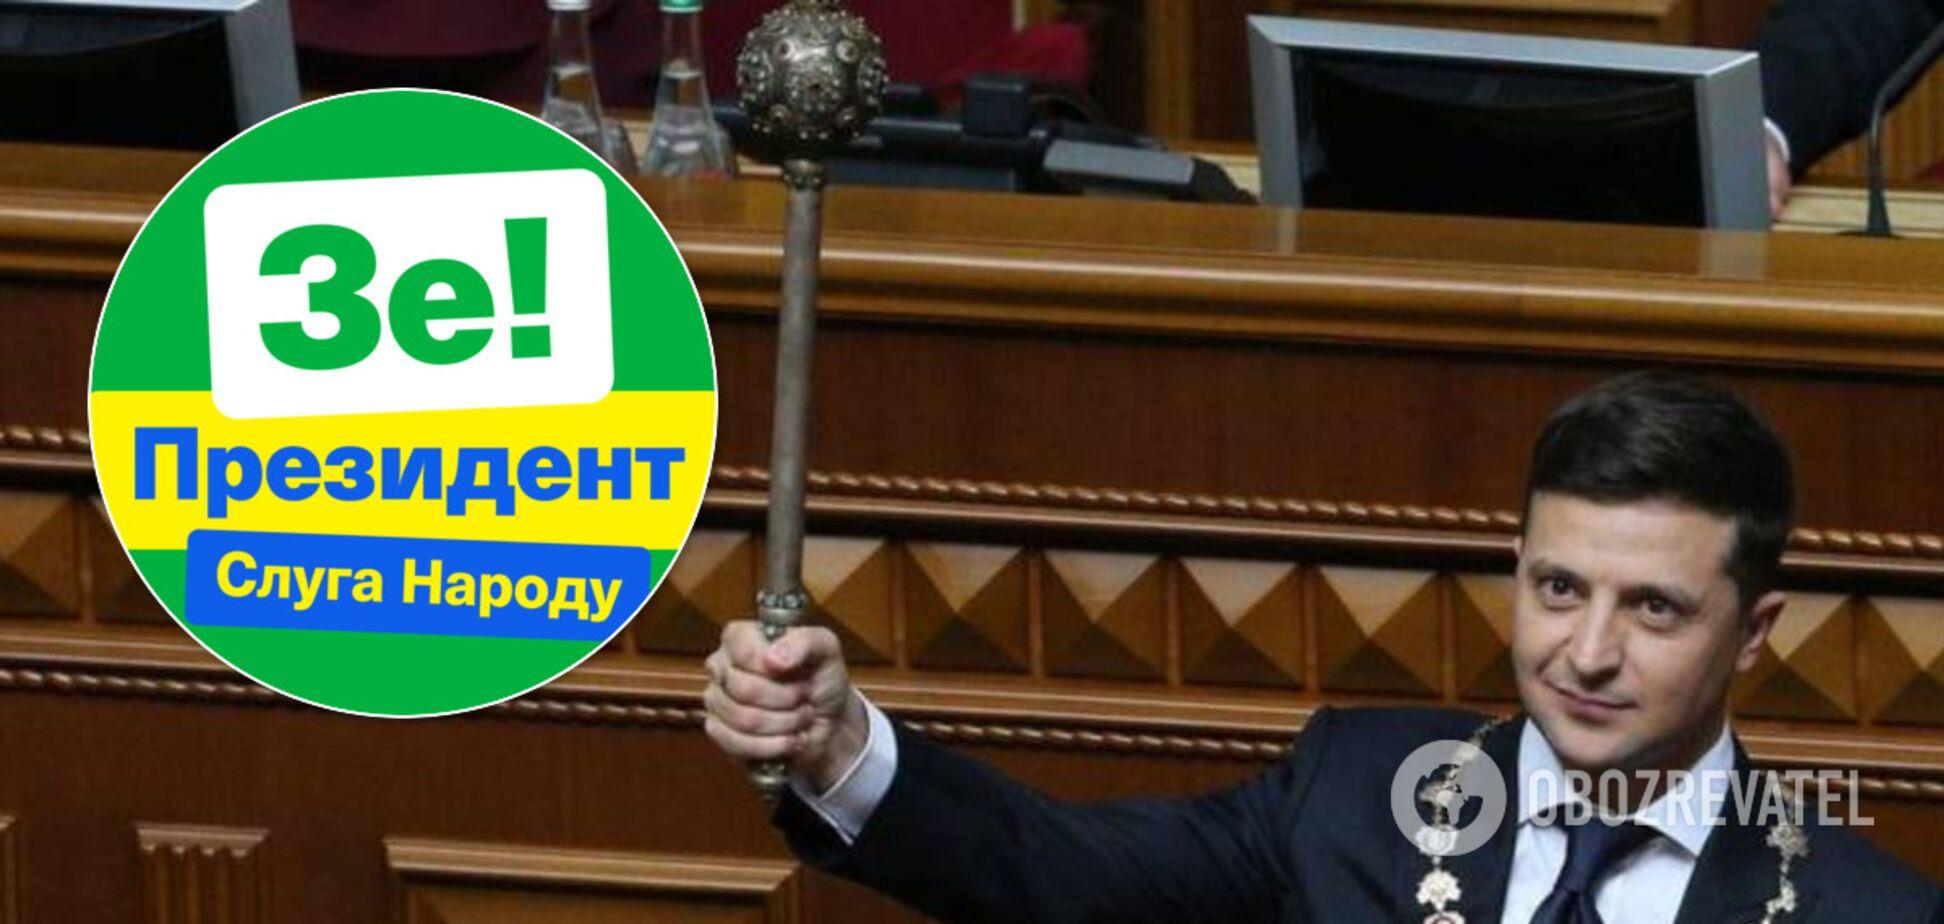 Зеленскому напомнили о невыполненных за год громких обещаниях: где промахнулся